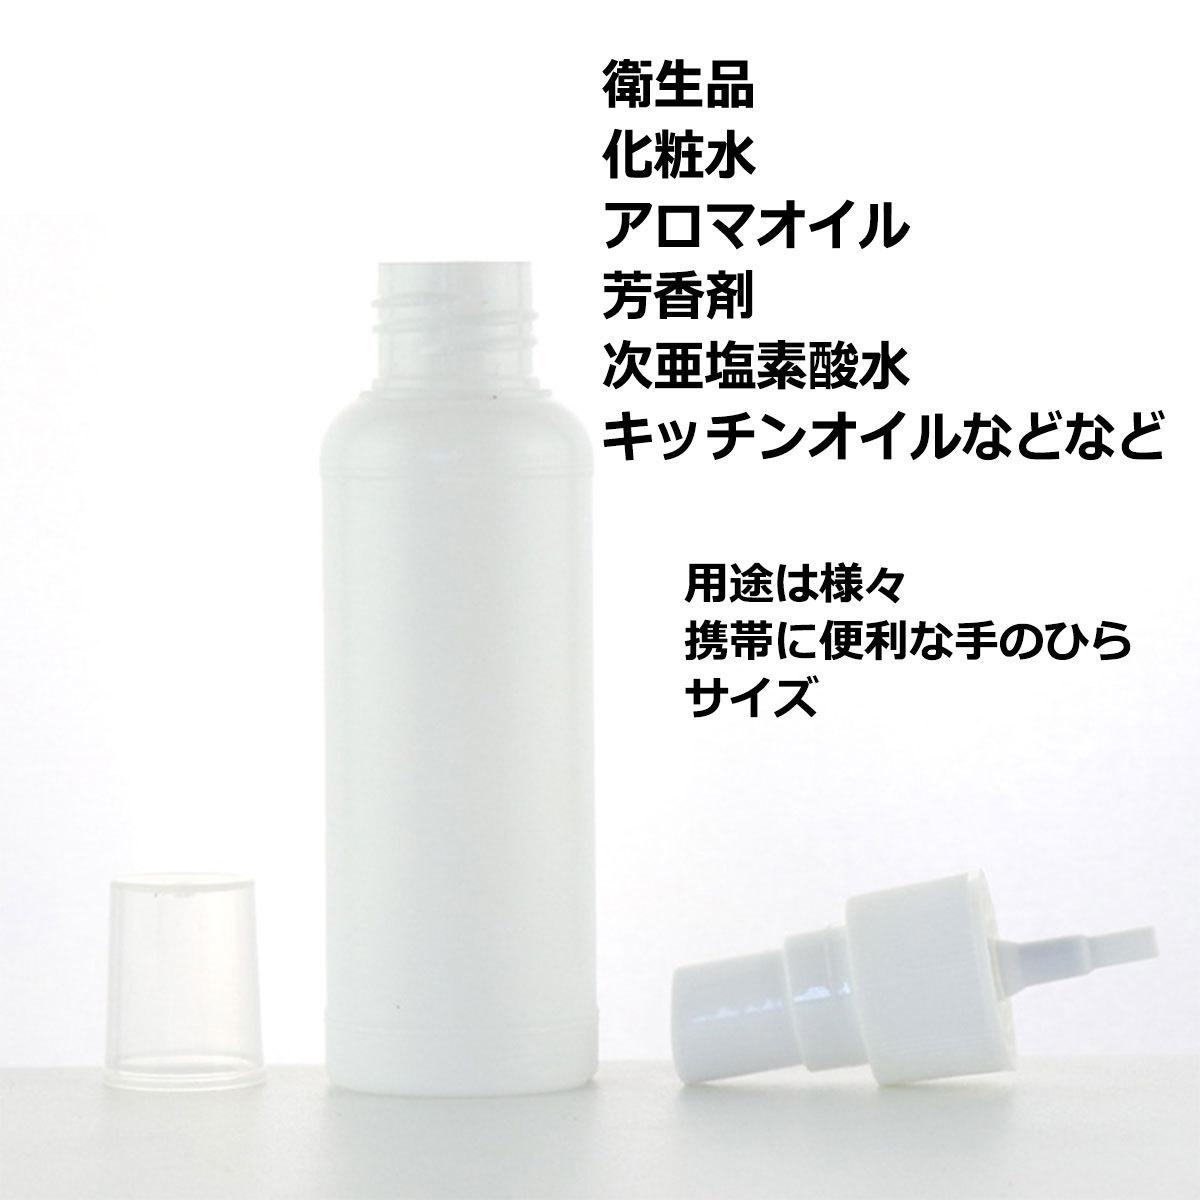 スプレーボトル 容器 50ml 100個セット 国内検品済 本体部分PPで アルコール対応 遮光 次亜塩素酸水にも使用可能 空容器 携帯用_画像1